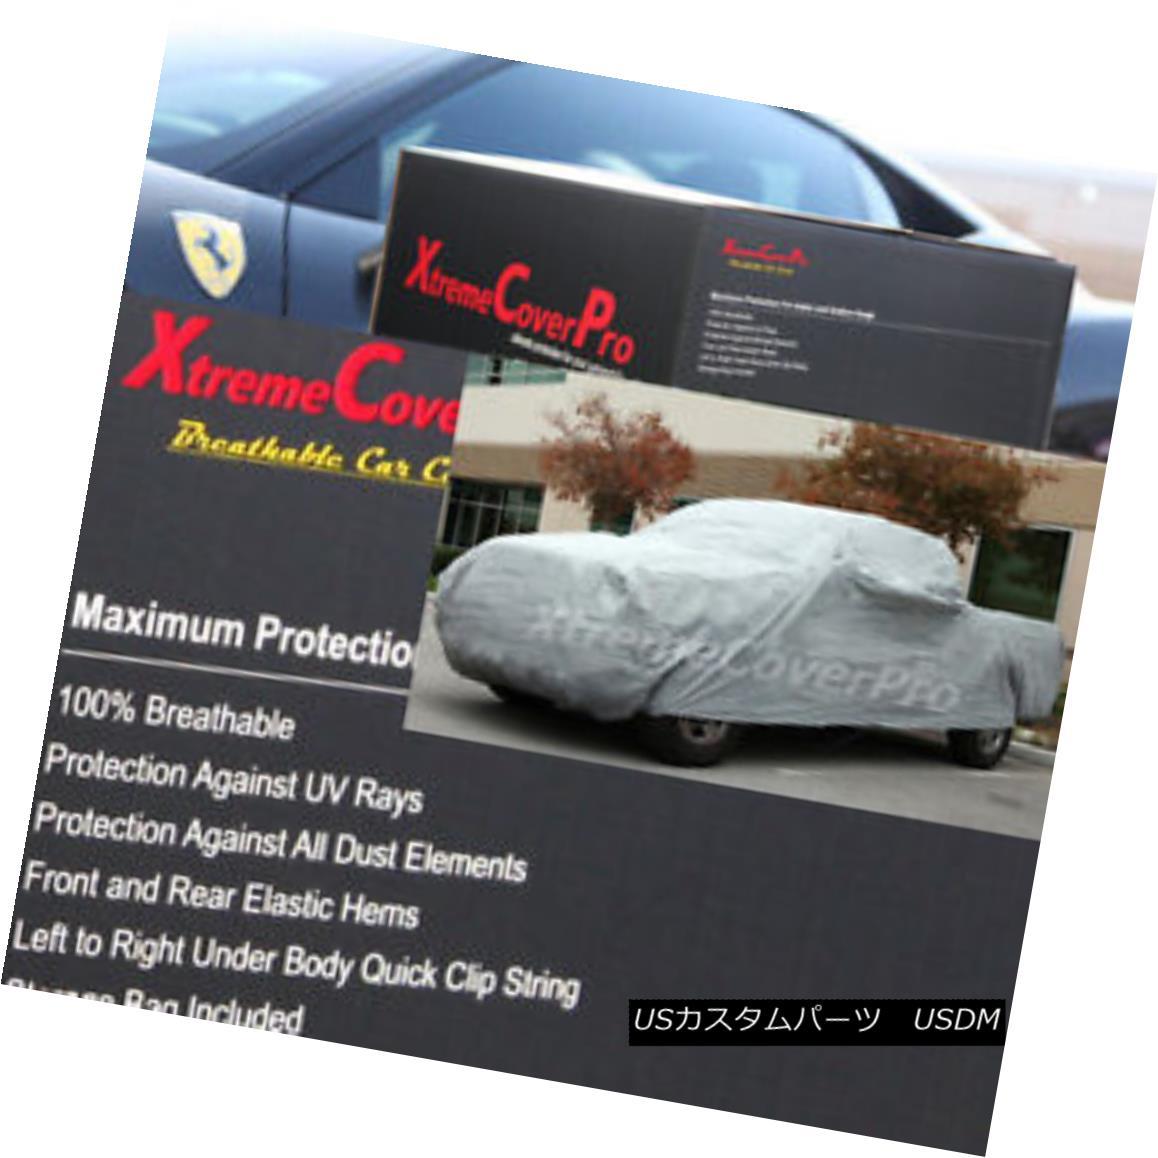 カーカバー 2005 2006 2007 2008 Dodge Ram 1500 Reg Cab 8ft Long bed Breathable Truck Cover 2005 2006 2007 2008ダッジラム1500レッグキャブ8フィートロングベッド通気性トラックカバー